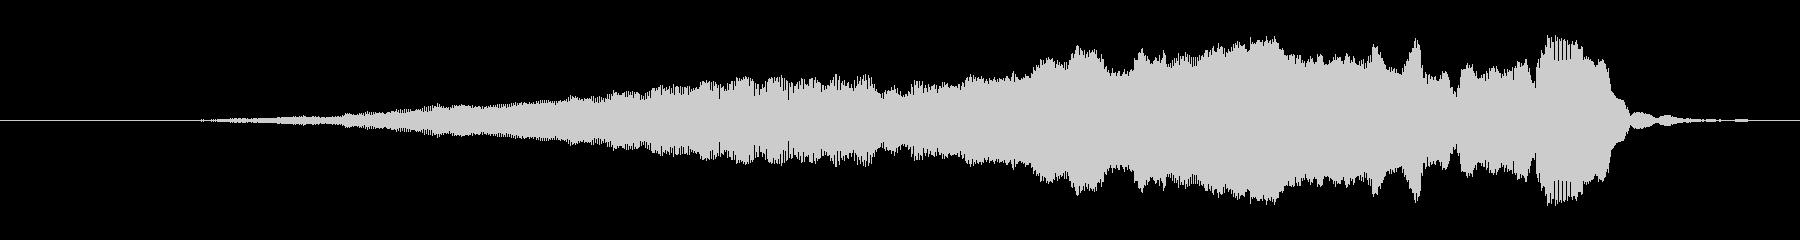 漫画スライドホイッスル:アップ、ホ...の未再生の波形